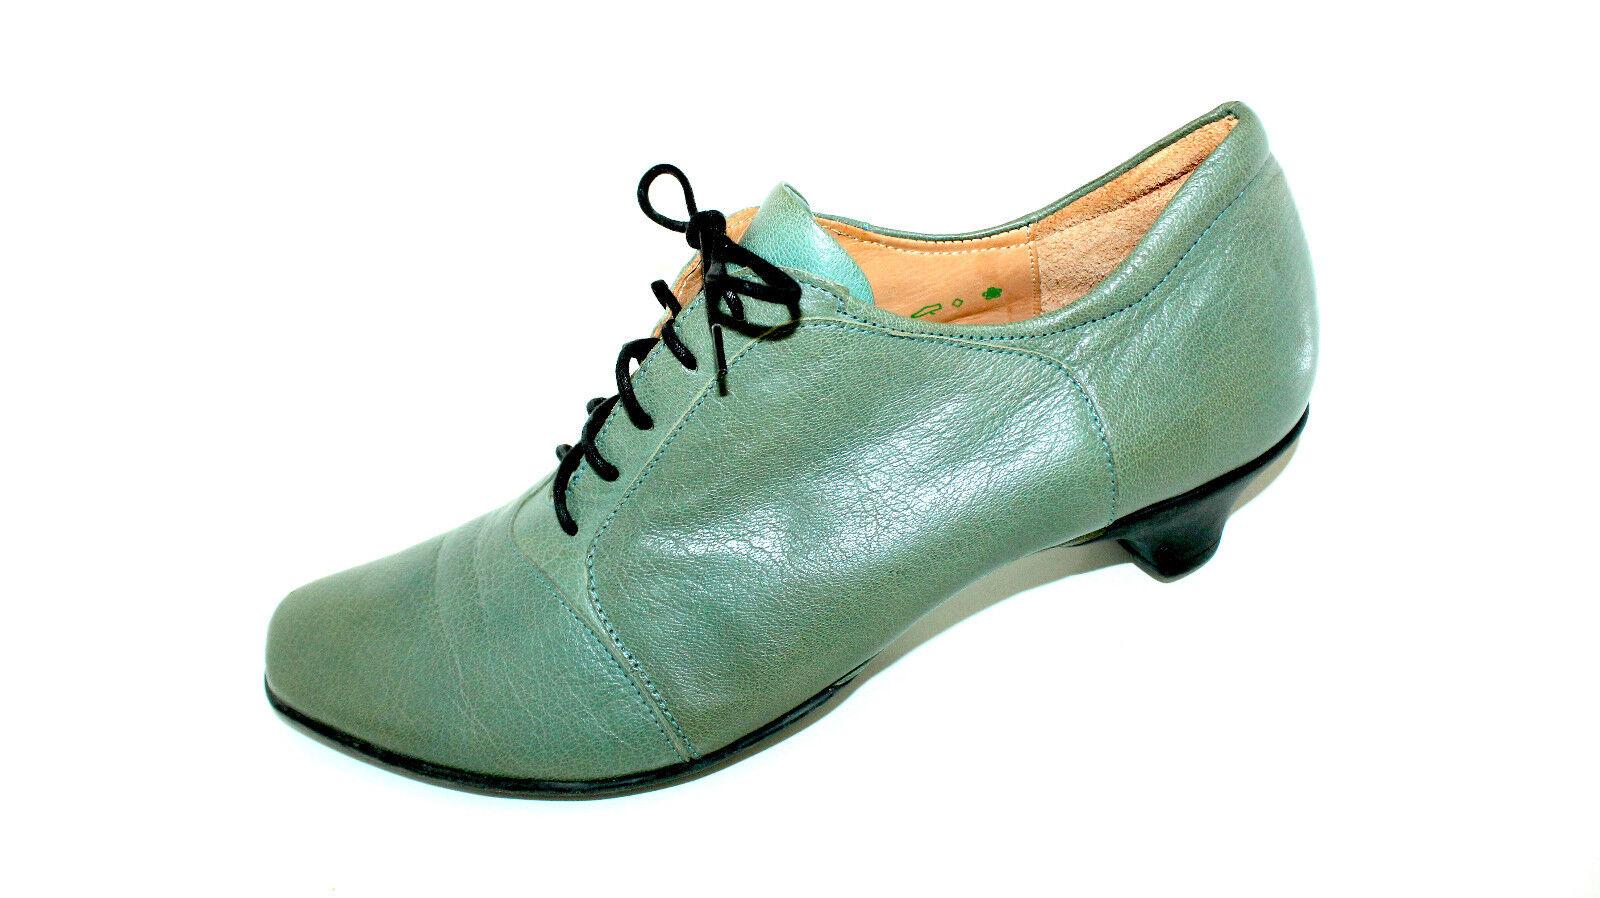 Think  hochfront Escarpins lacets à moitié Chaussures 43 UK 9 cuir en vrac dépôts doux